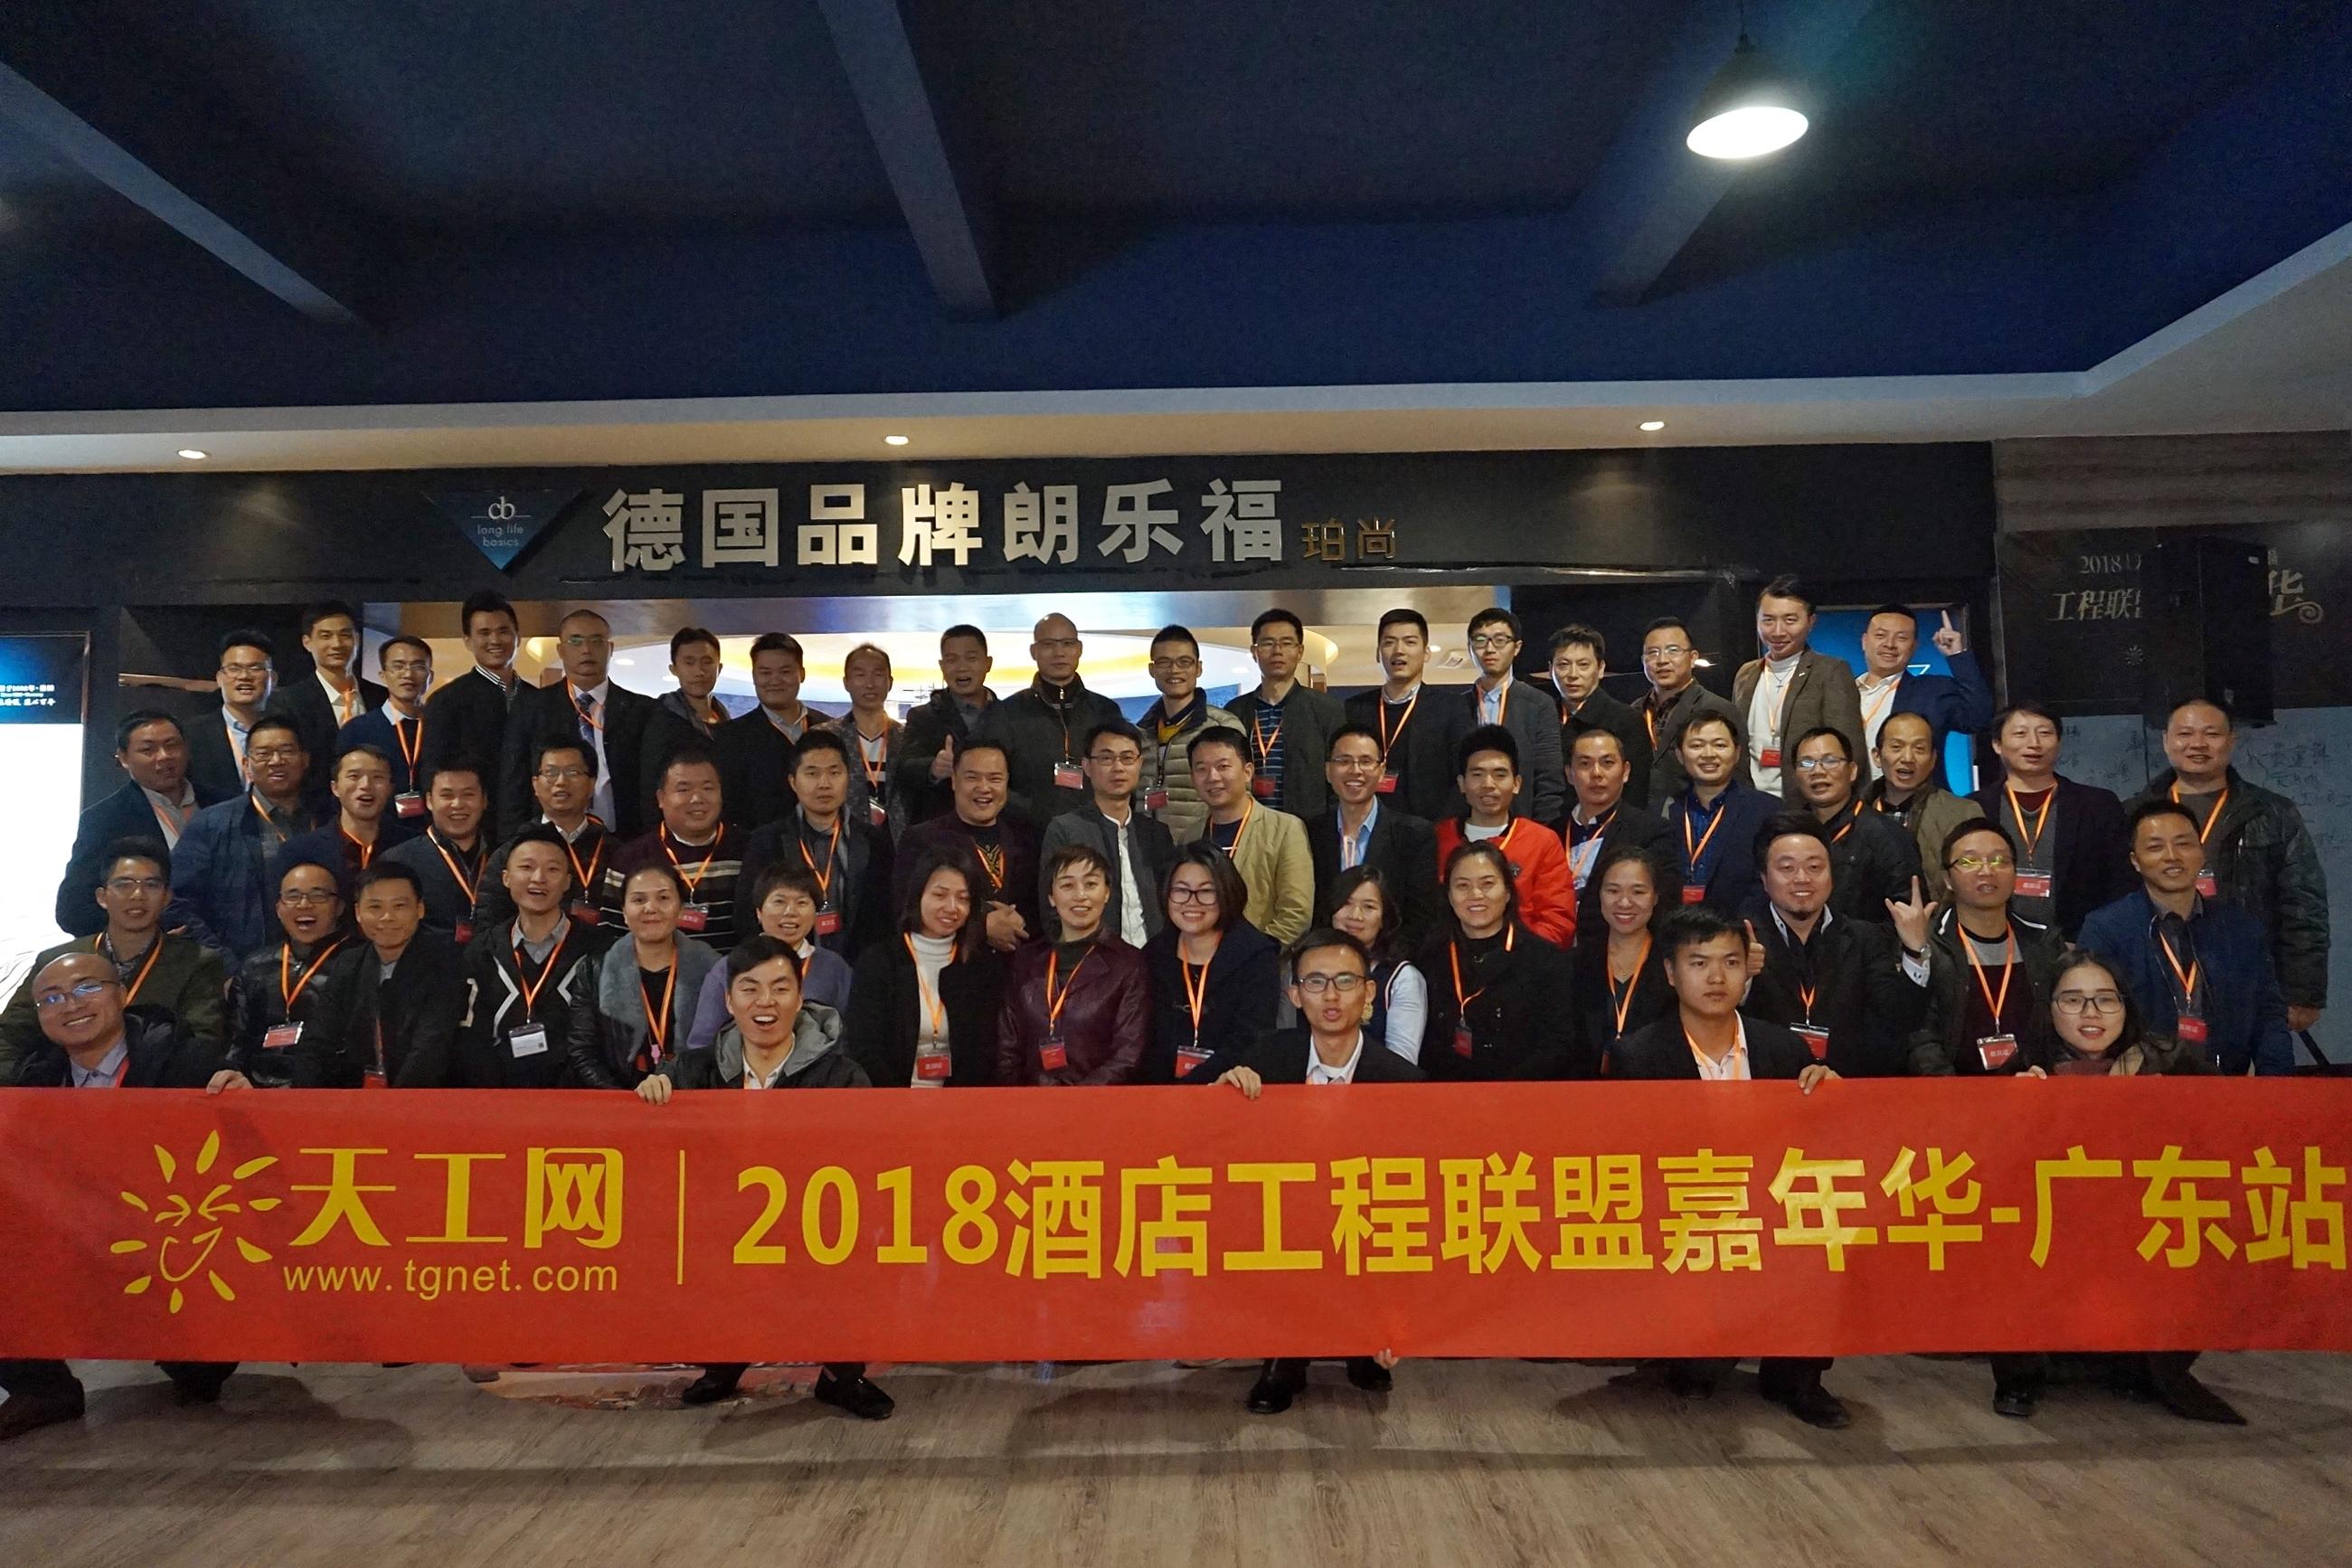 2018天工网酒店工程联盟嘉年华――广东站